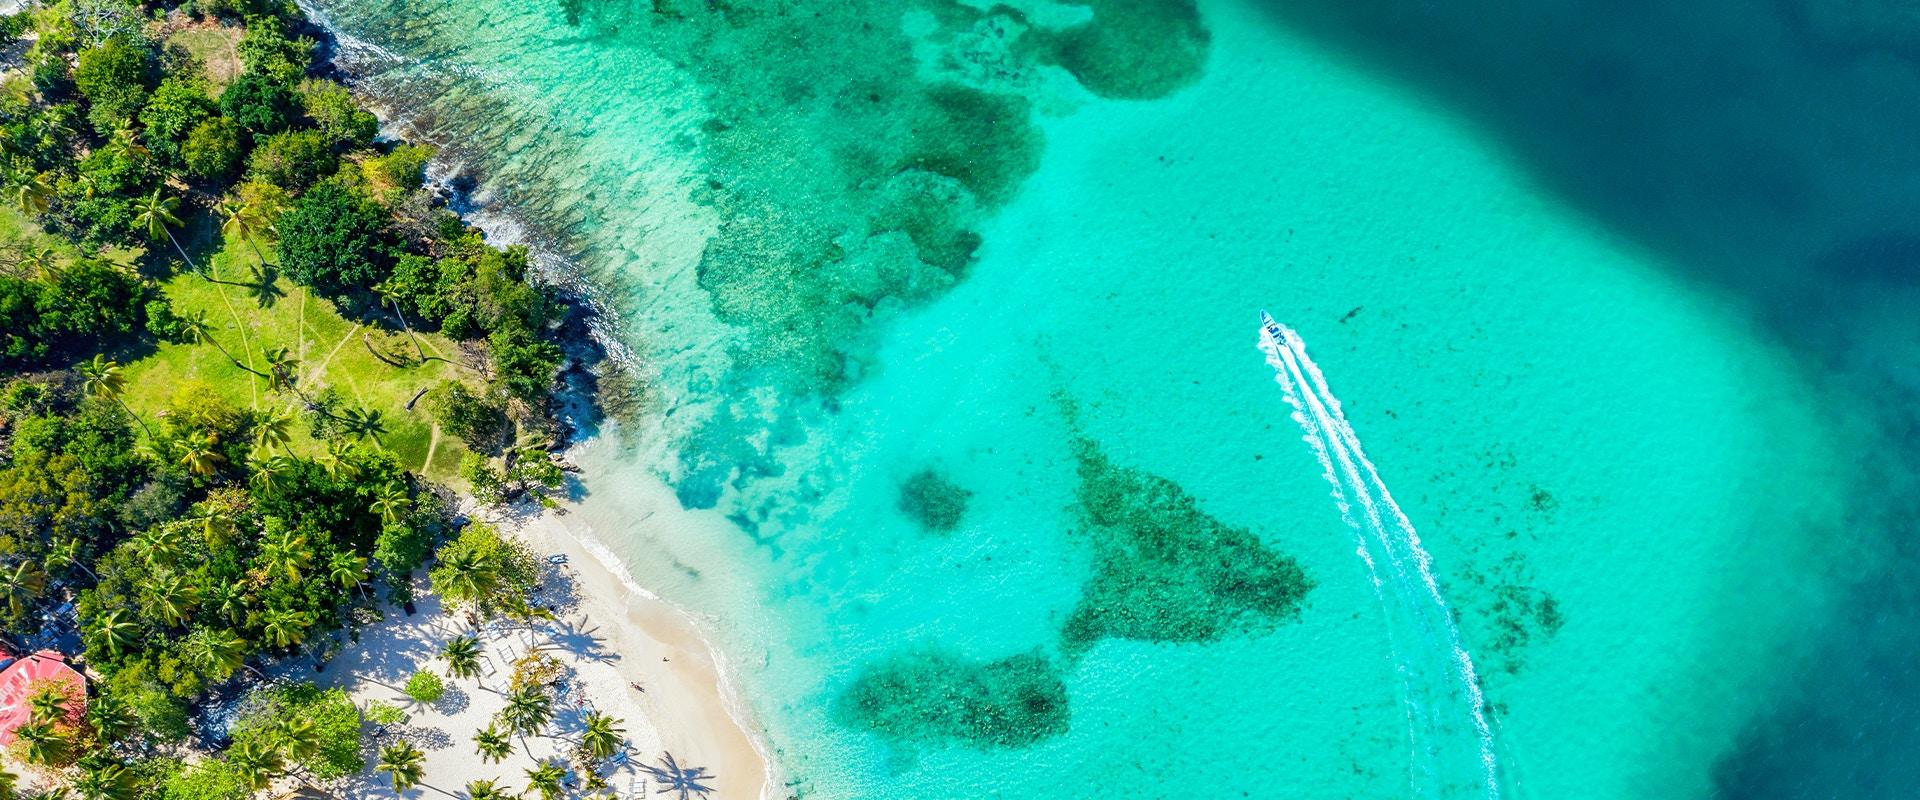 Türkises Wasser, Strand und Palmen von oben.